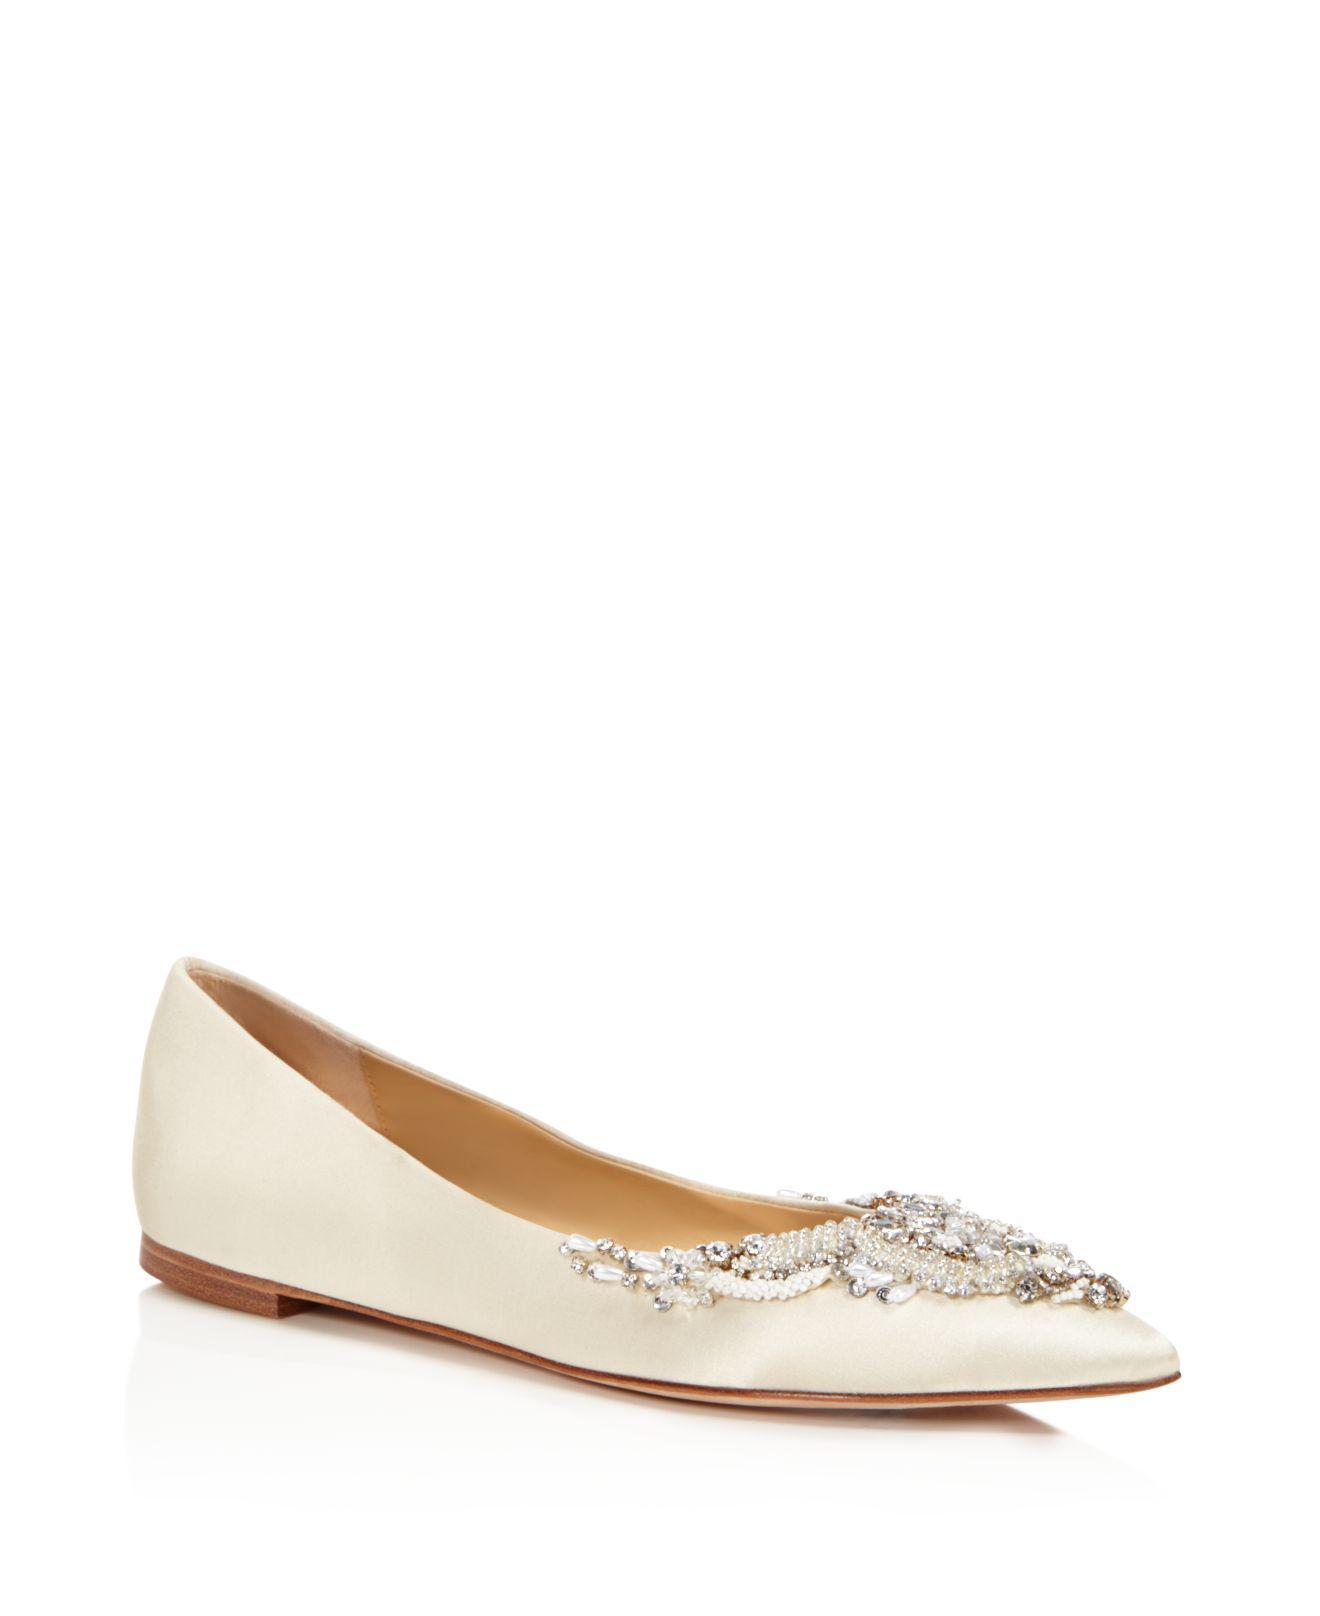 Ivory Women Shoes Flats